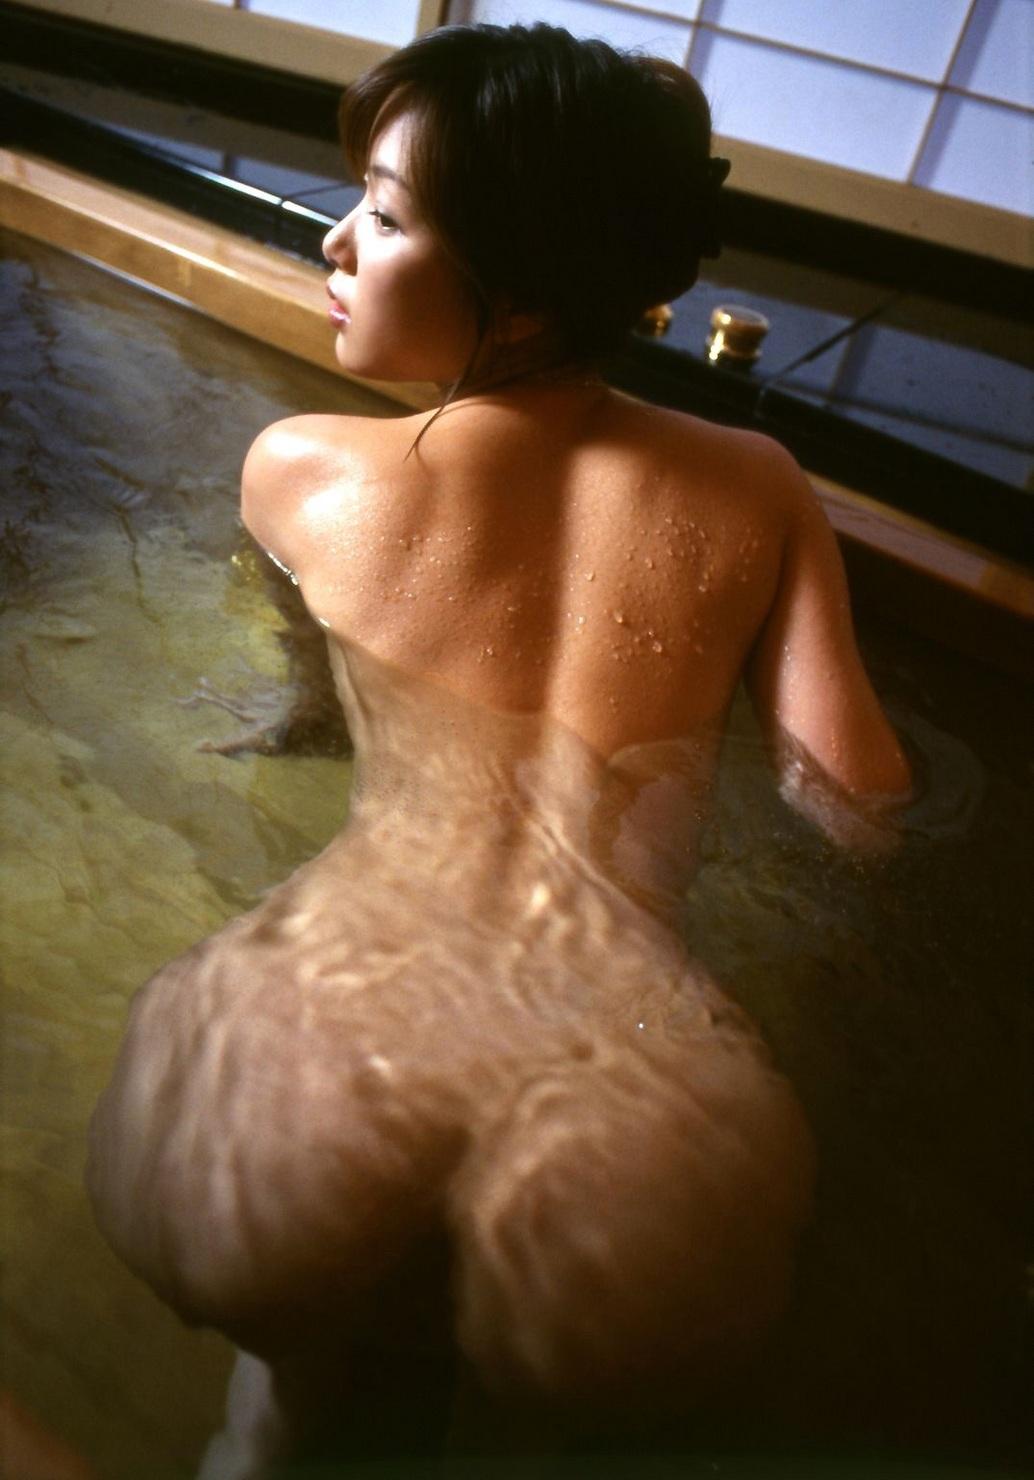 美女 露天風呂 温泉 入浴 美人 エロ画像【29】